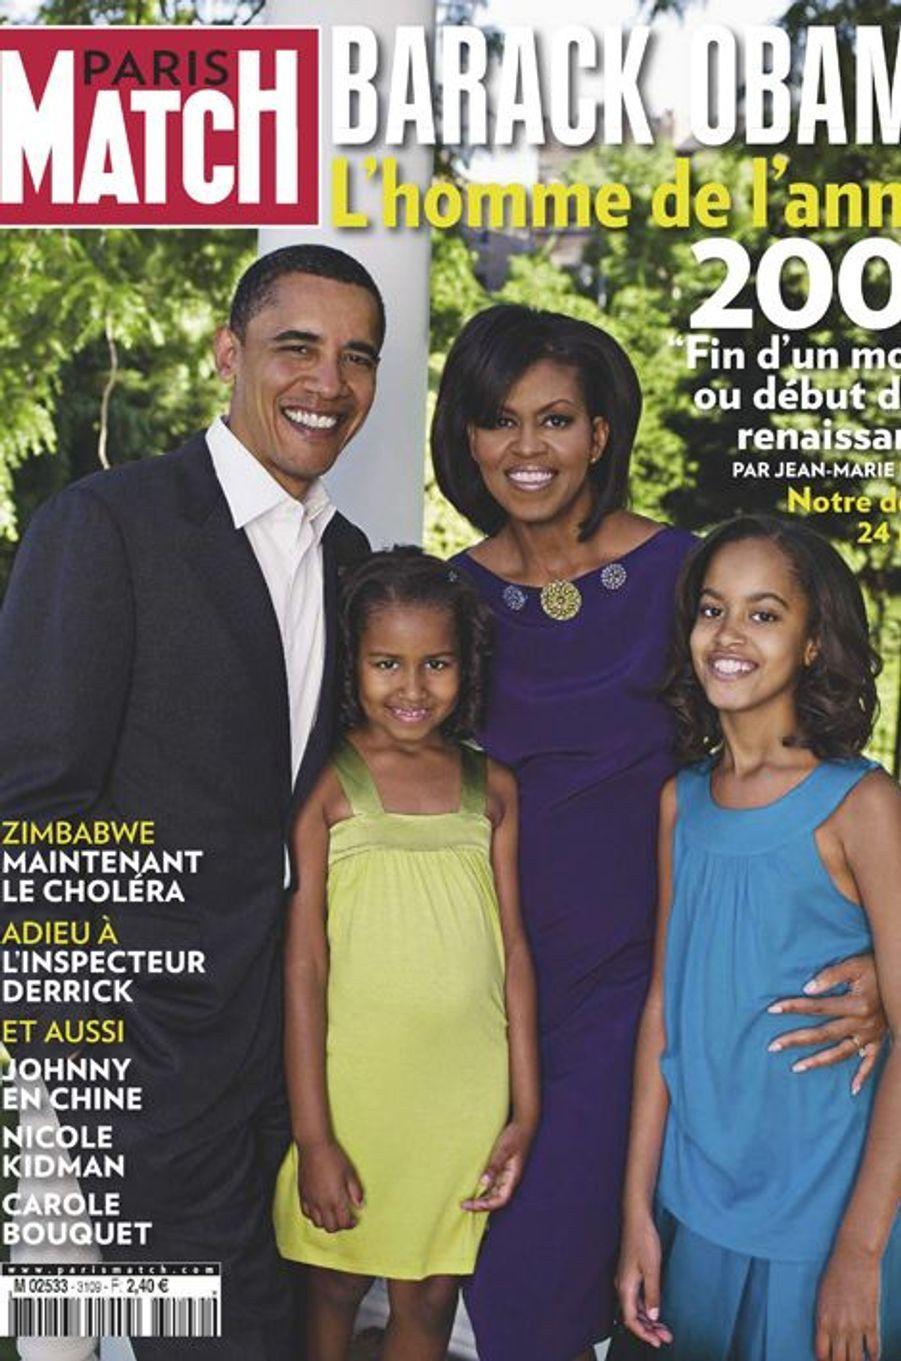 Couverture du Paris Match n°3109 daté du 18 décembre 2008: la famille Obama prend la pose à la Maison-Blanche. Malia est âgée de 10 ans.